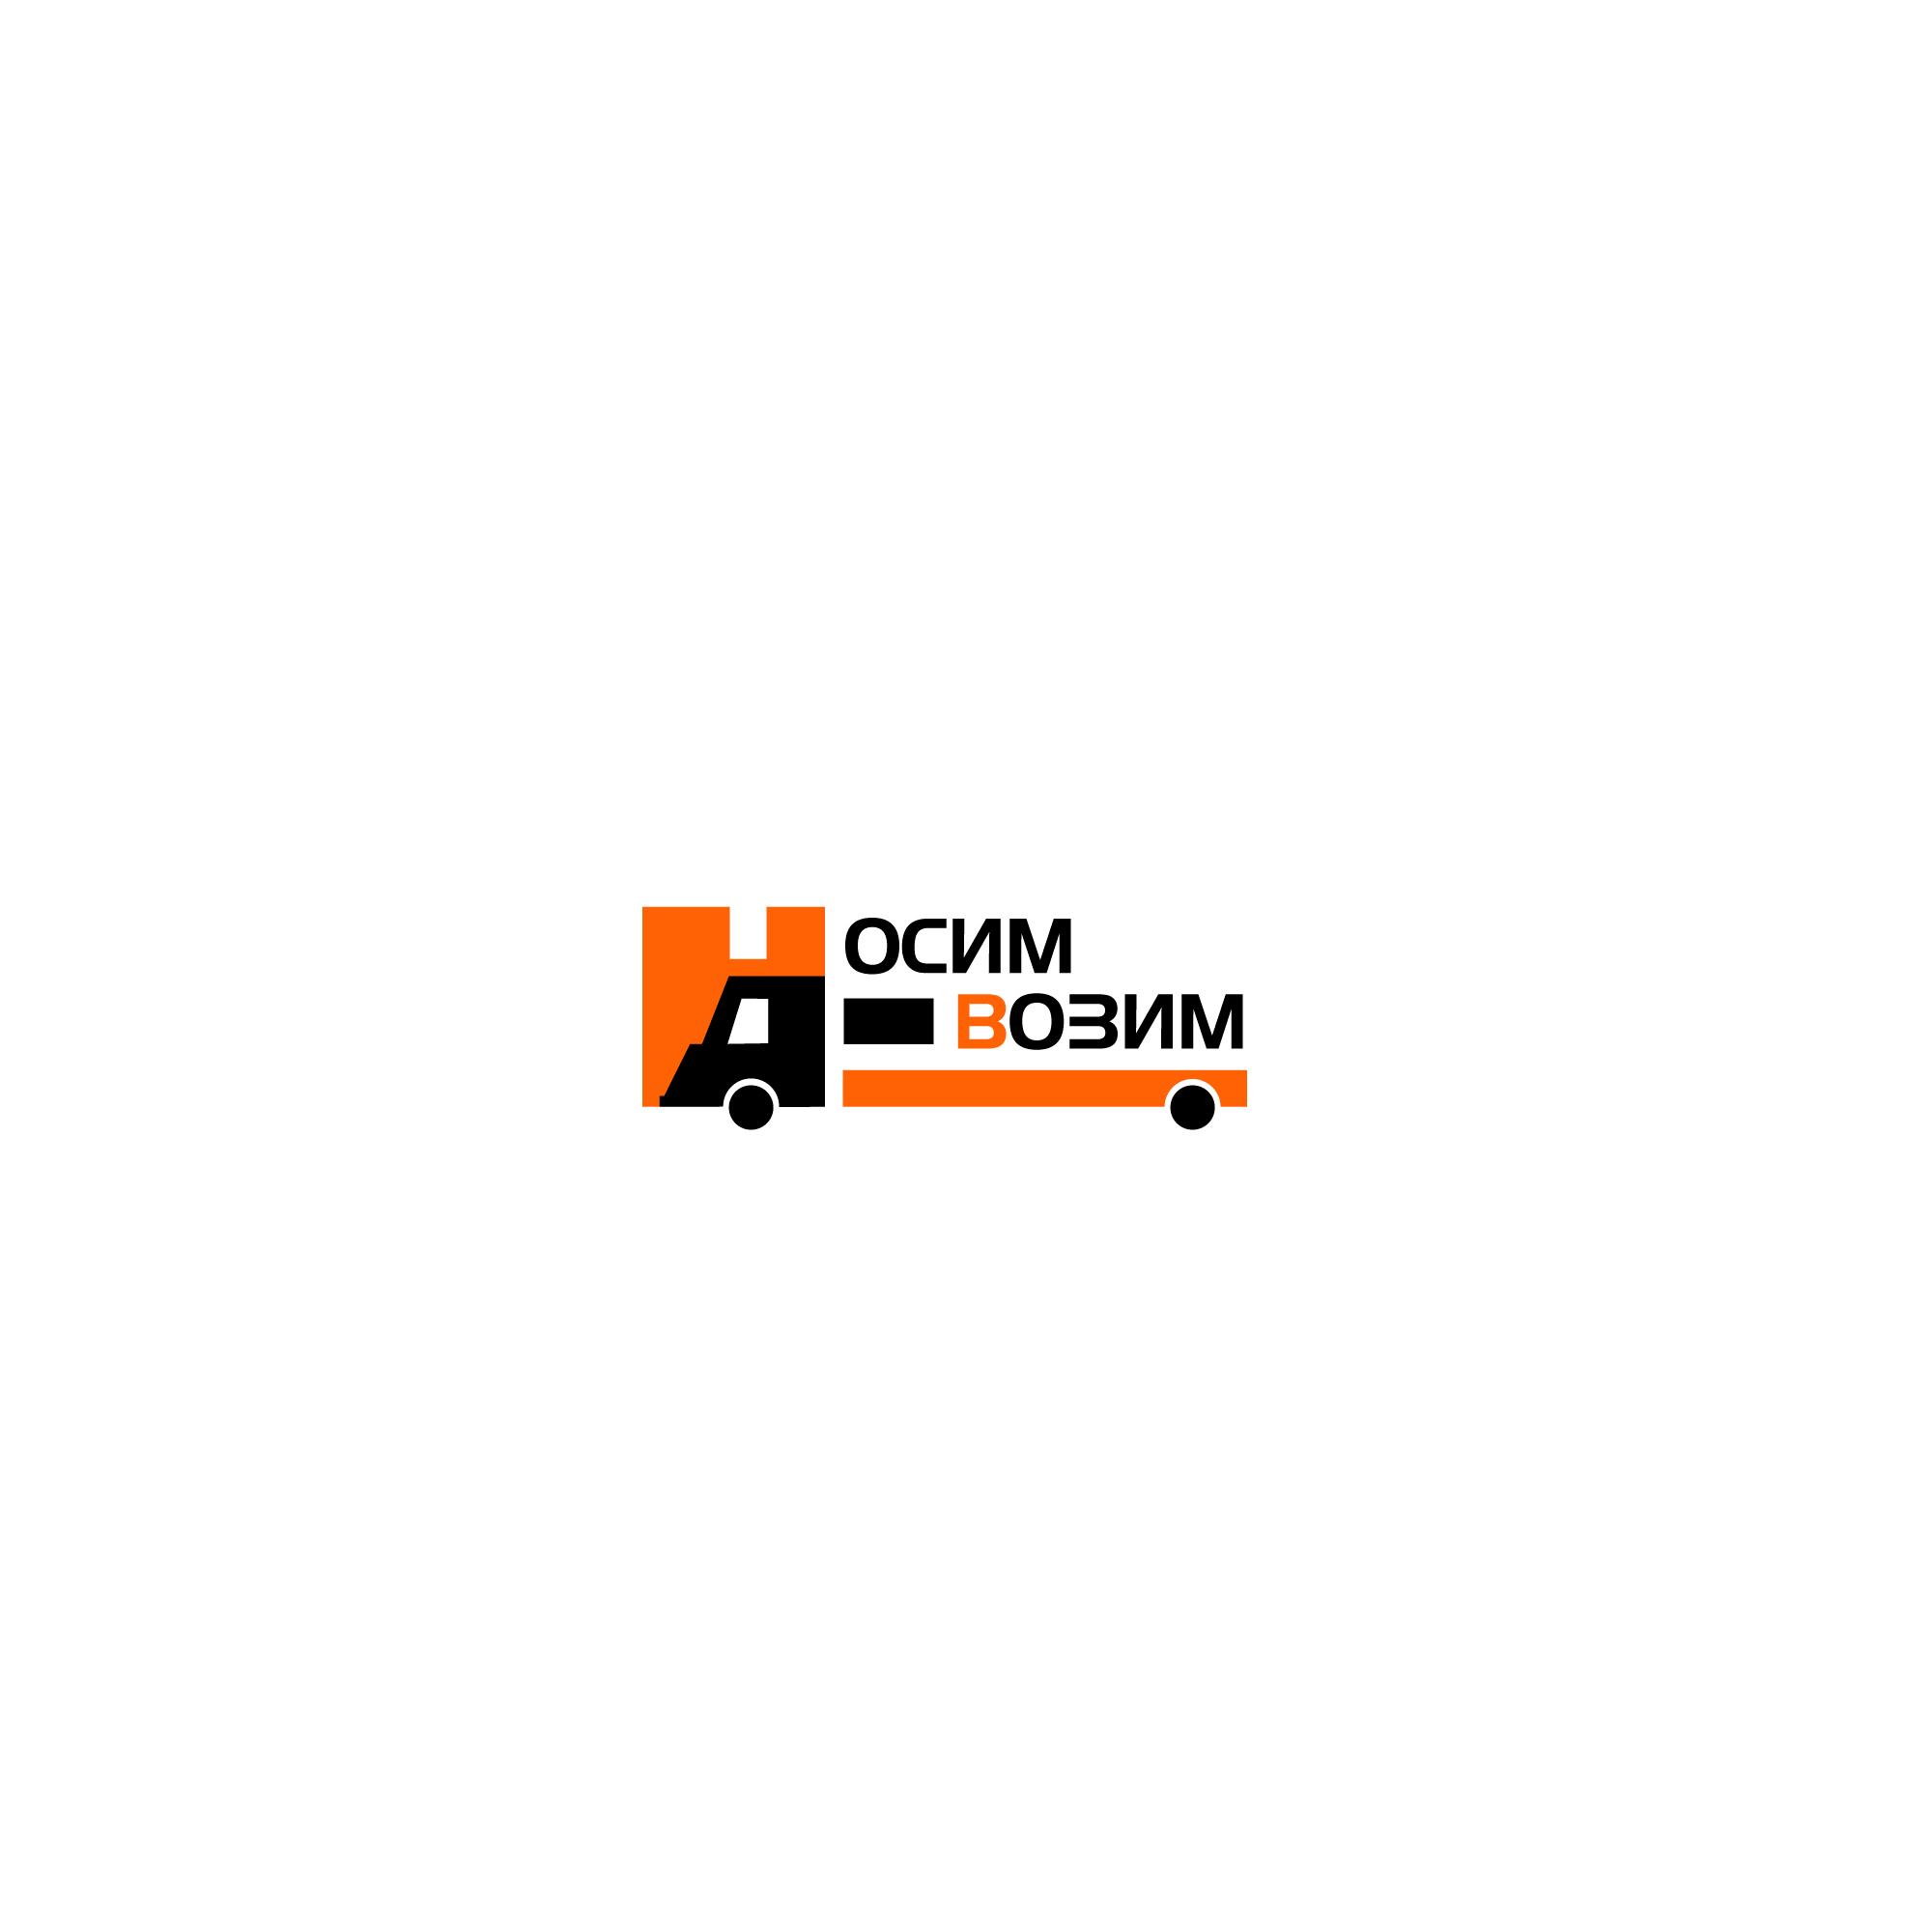 Логотип компании по перевозкам НосимВозим фото f_5995cf6a8d24d42b.jpg